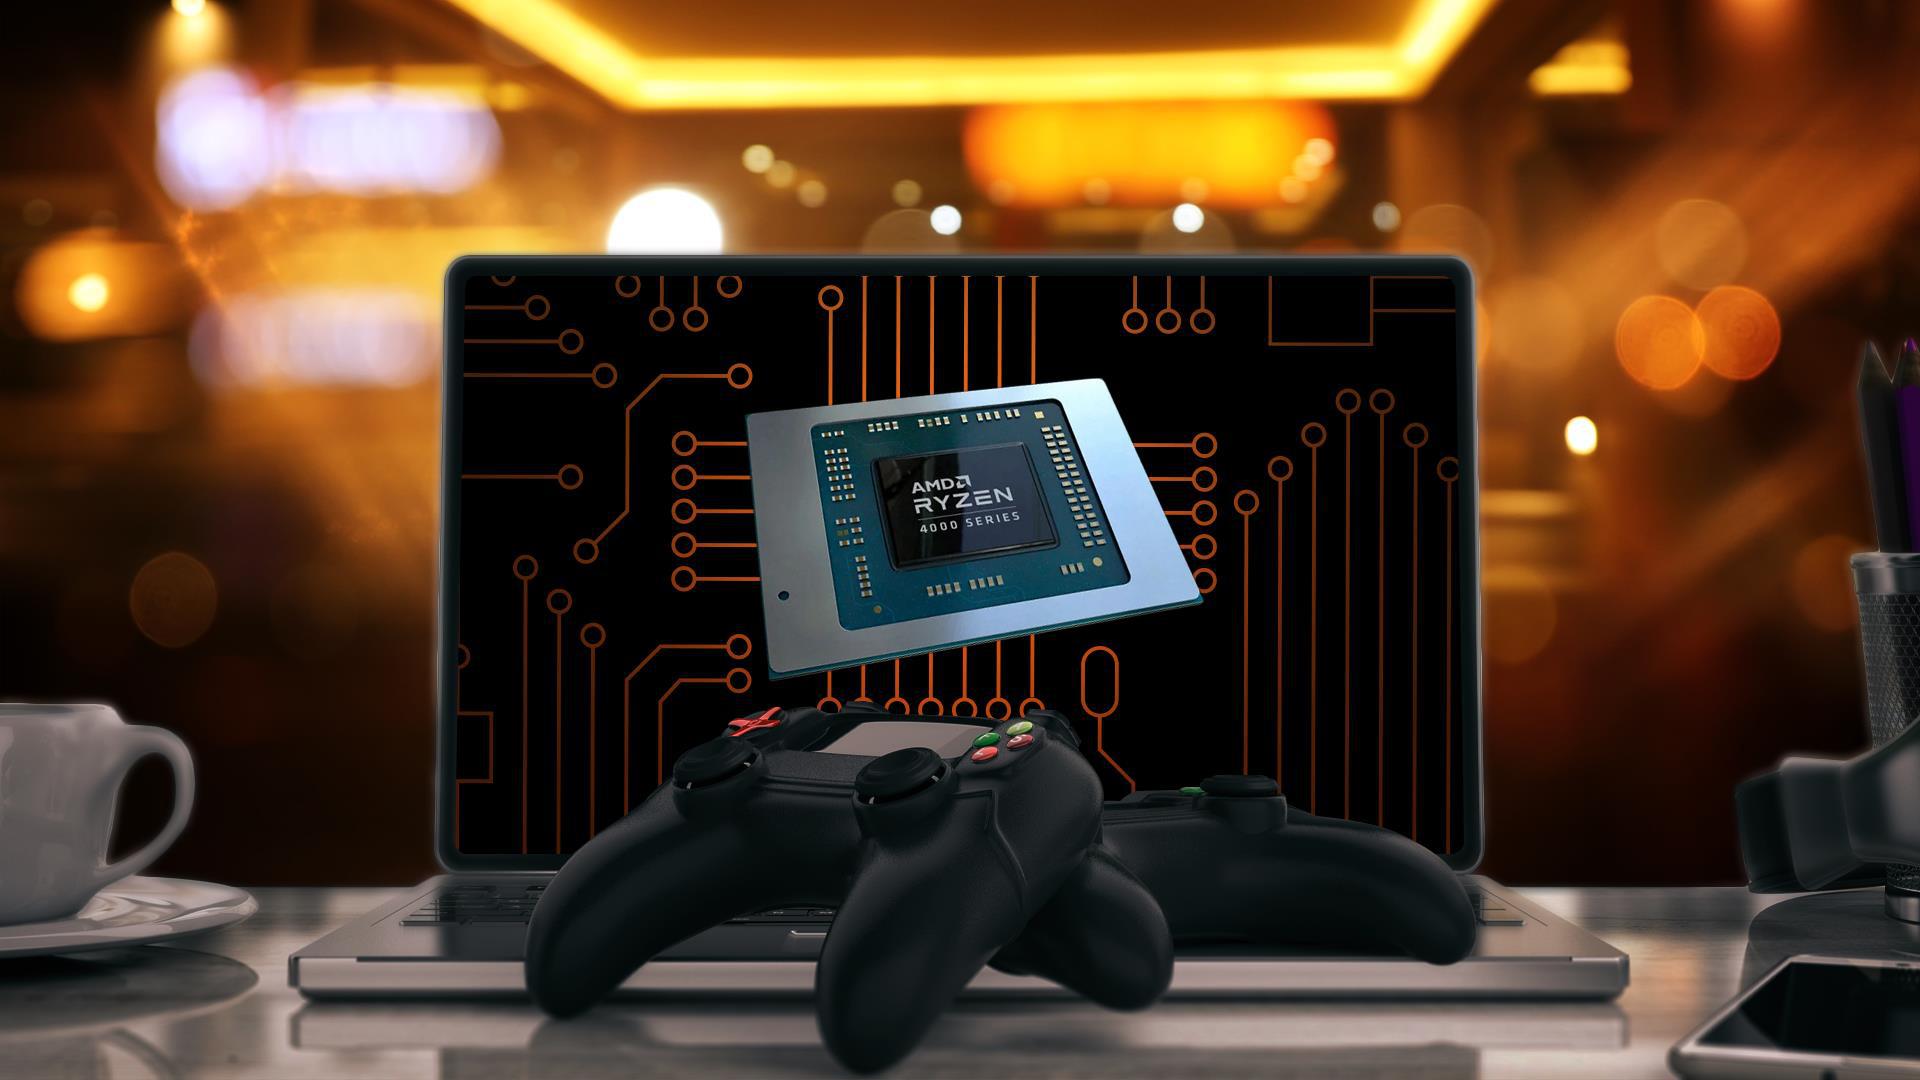 """Tận hưởng thế giới game đúng """"chất"""" cùng laptop gaming sử dụng CPU AMD Ryzen Mobile 4000 series - Ảnh 3."""